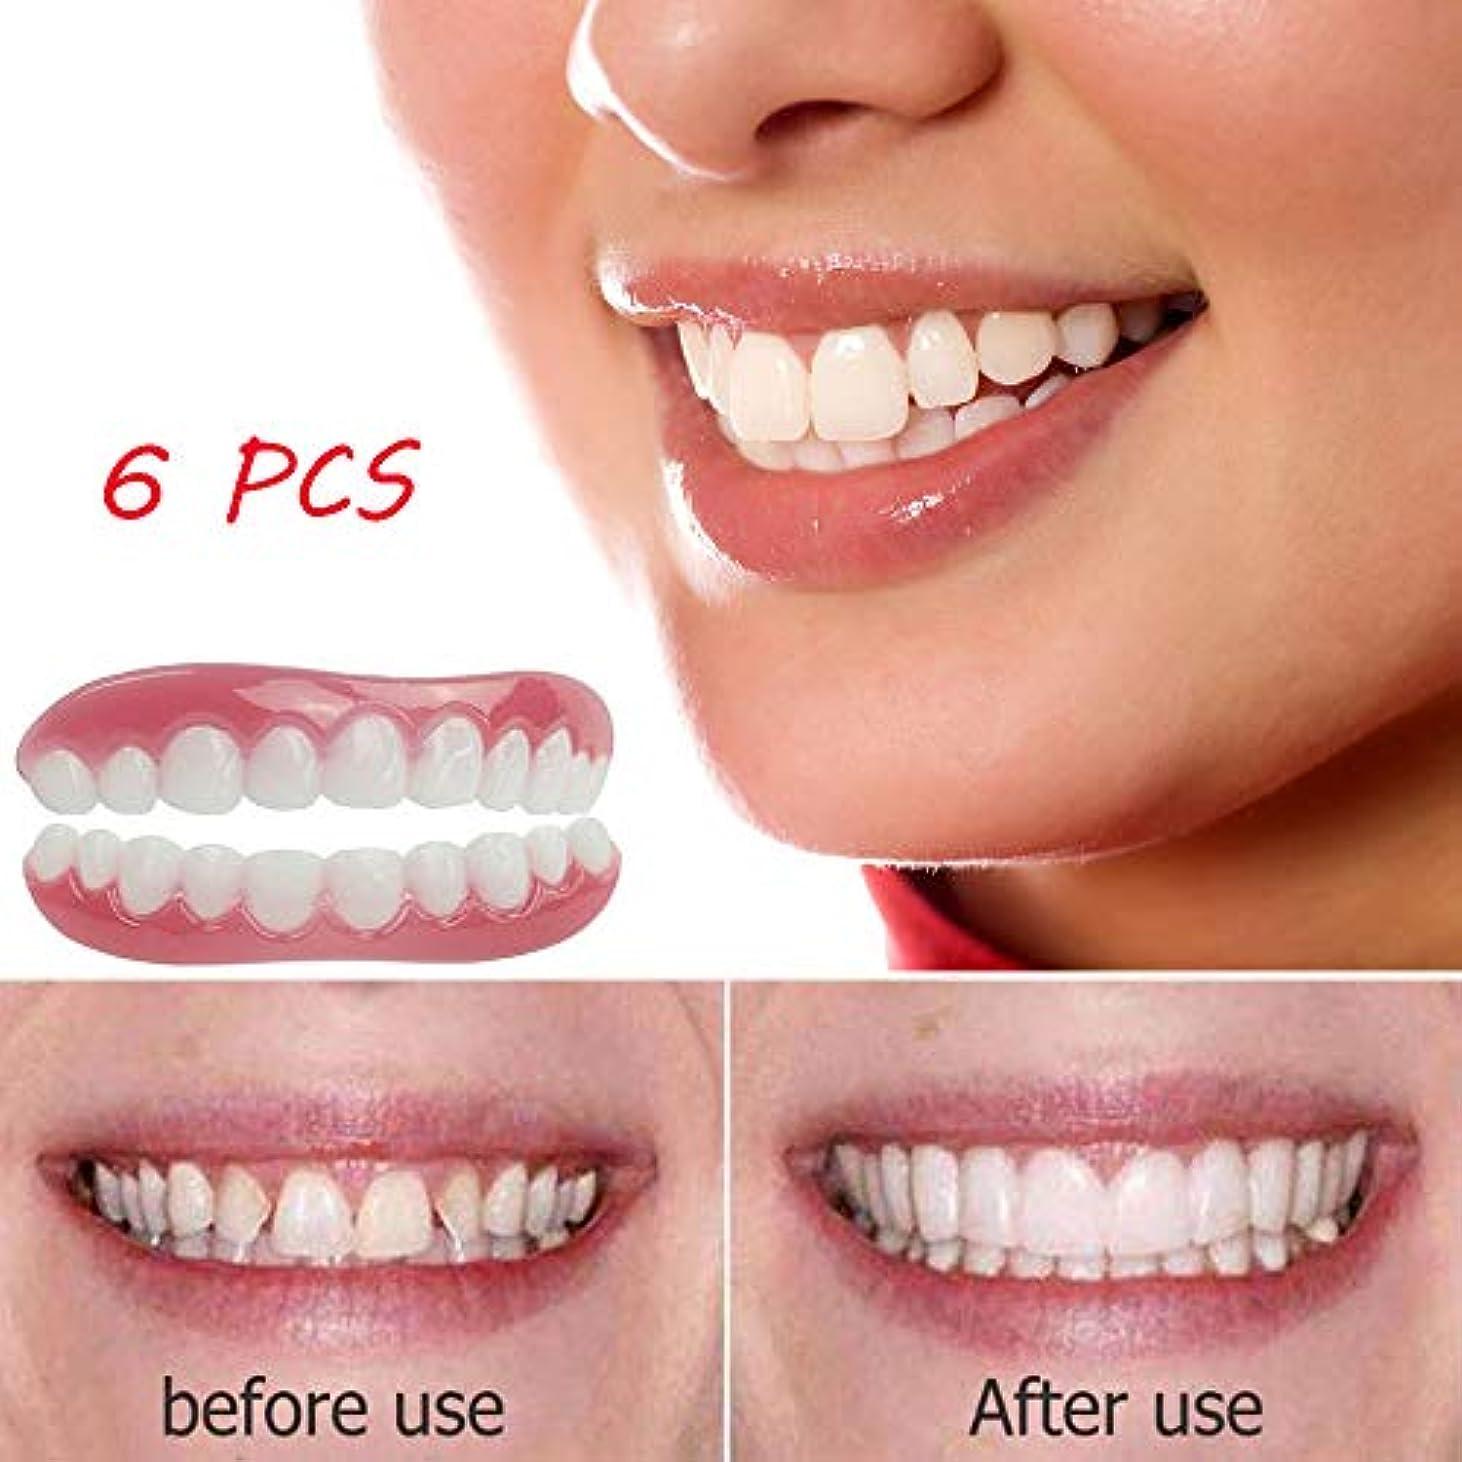 極めて重要なミント主人完璧なインスタントスマイル6ピース快適さ上下の柔軟な歯ホワイトニング歯義歯義歯メイクアップデンタルカバー美容ツール